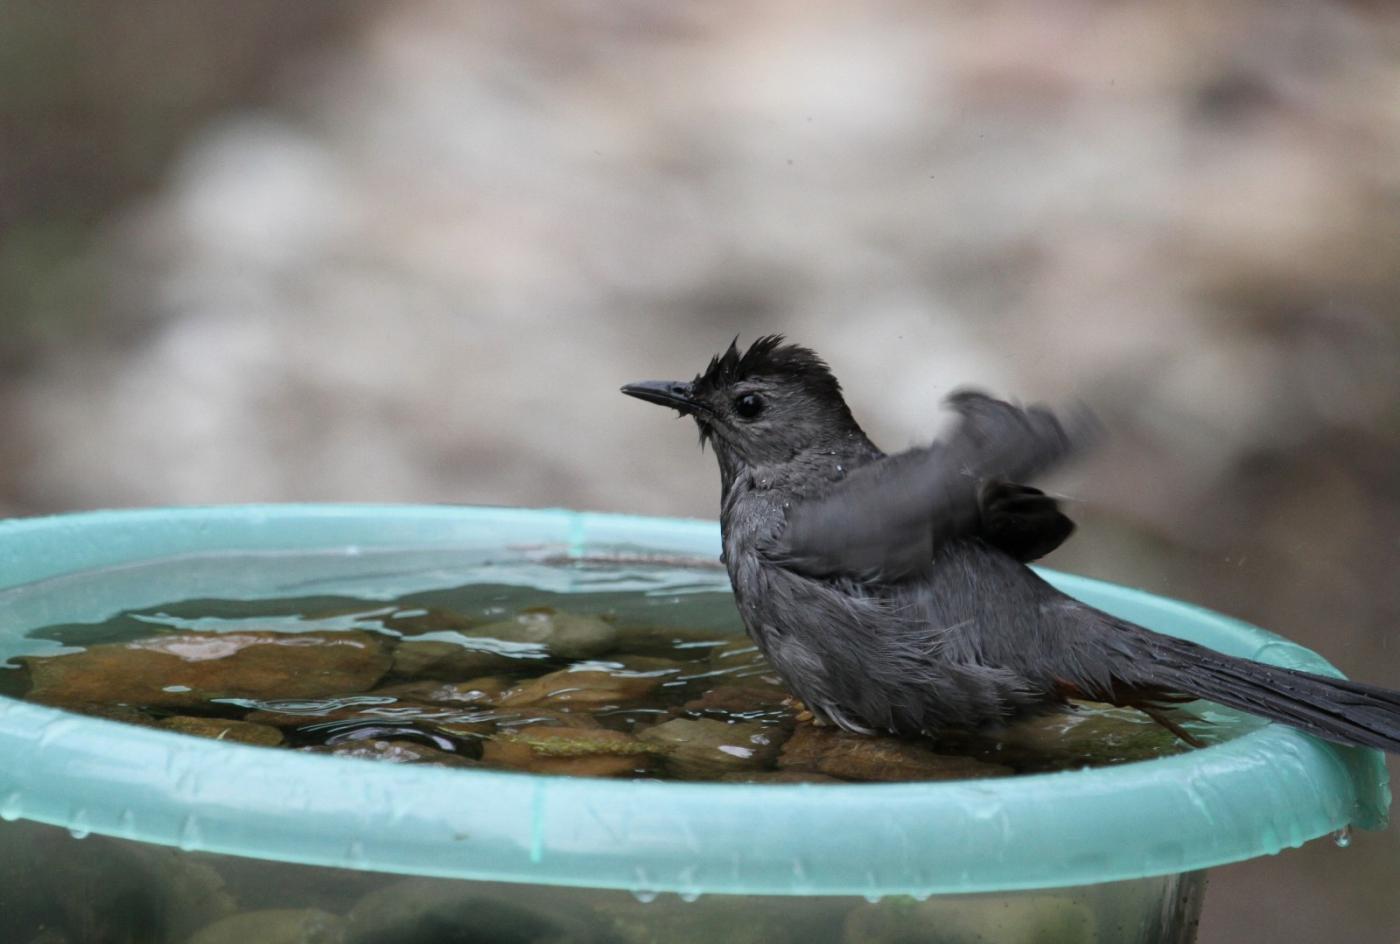 【田螺摄影】摆盆水在后院猫鸟就来淋浴了_图1-12